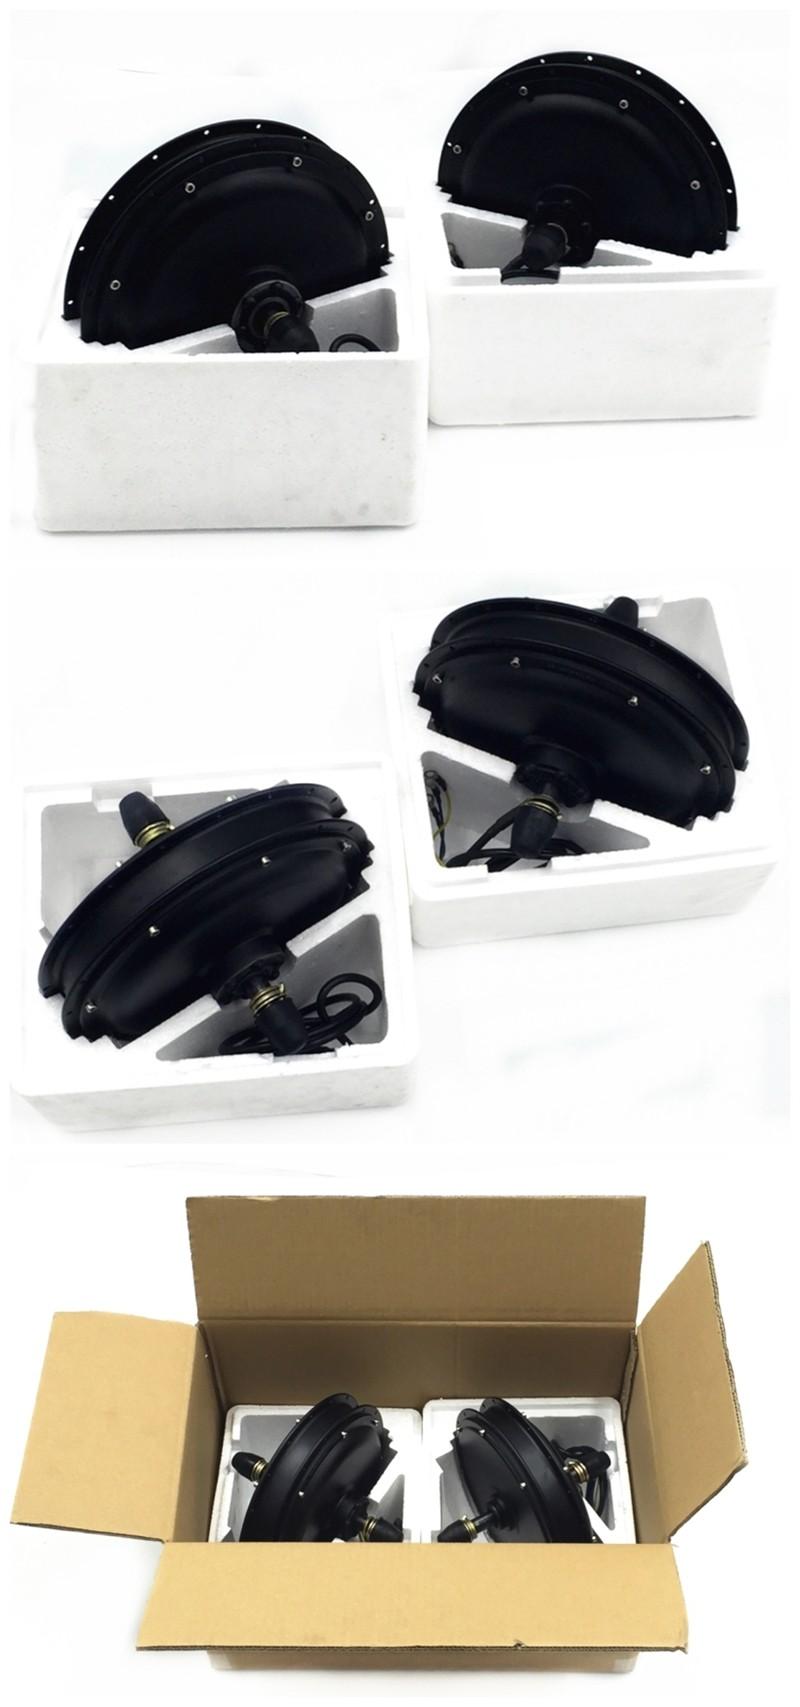 pacakge for 500w-1500w motor